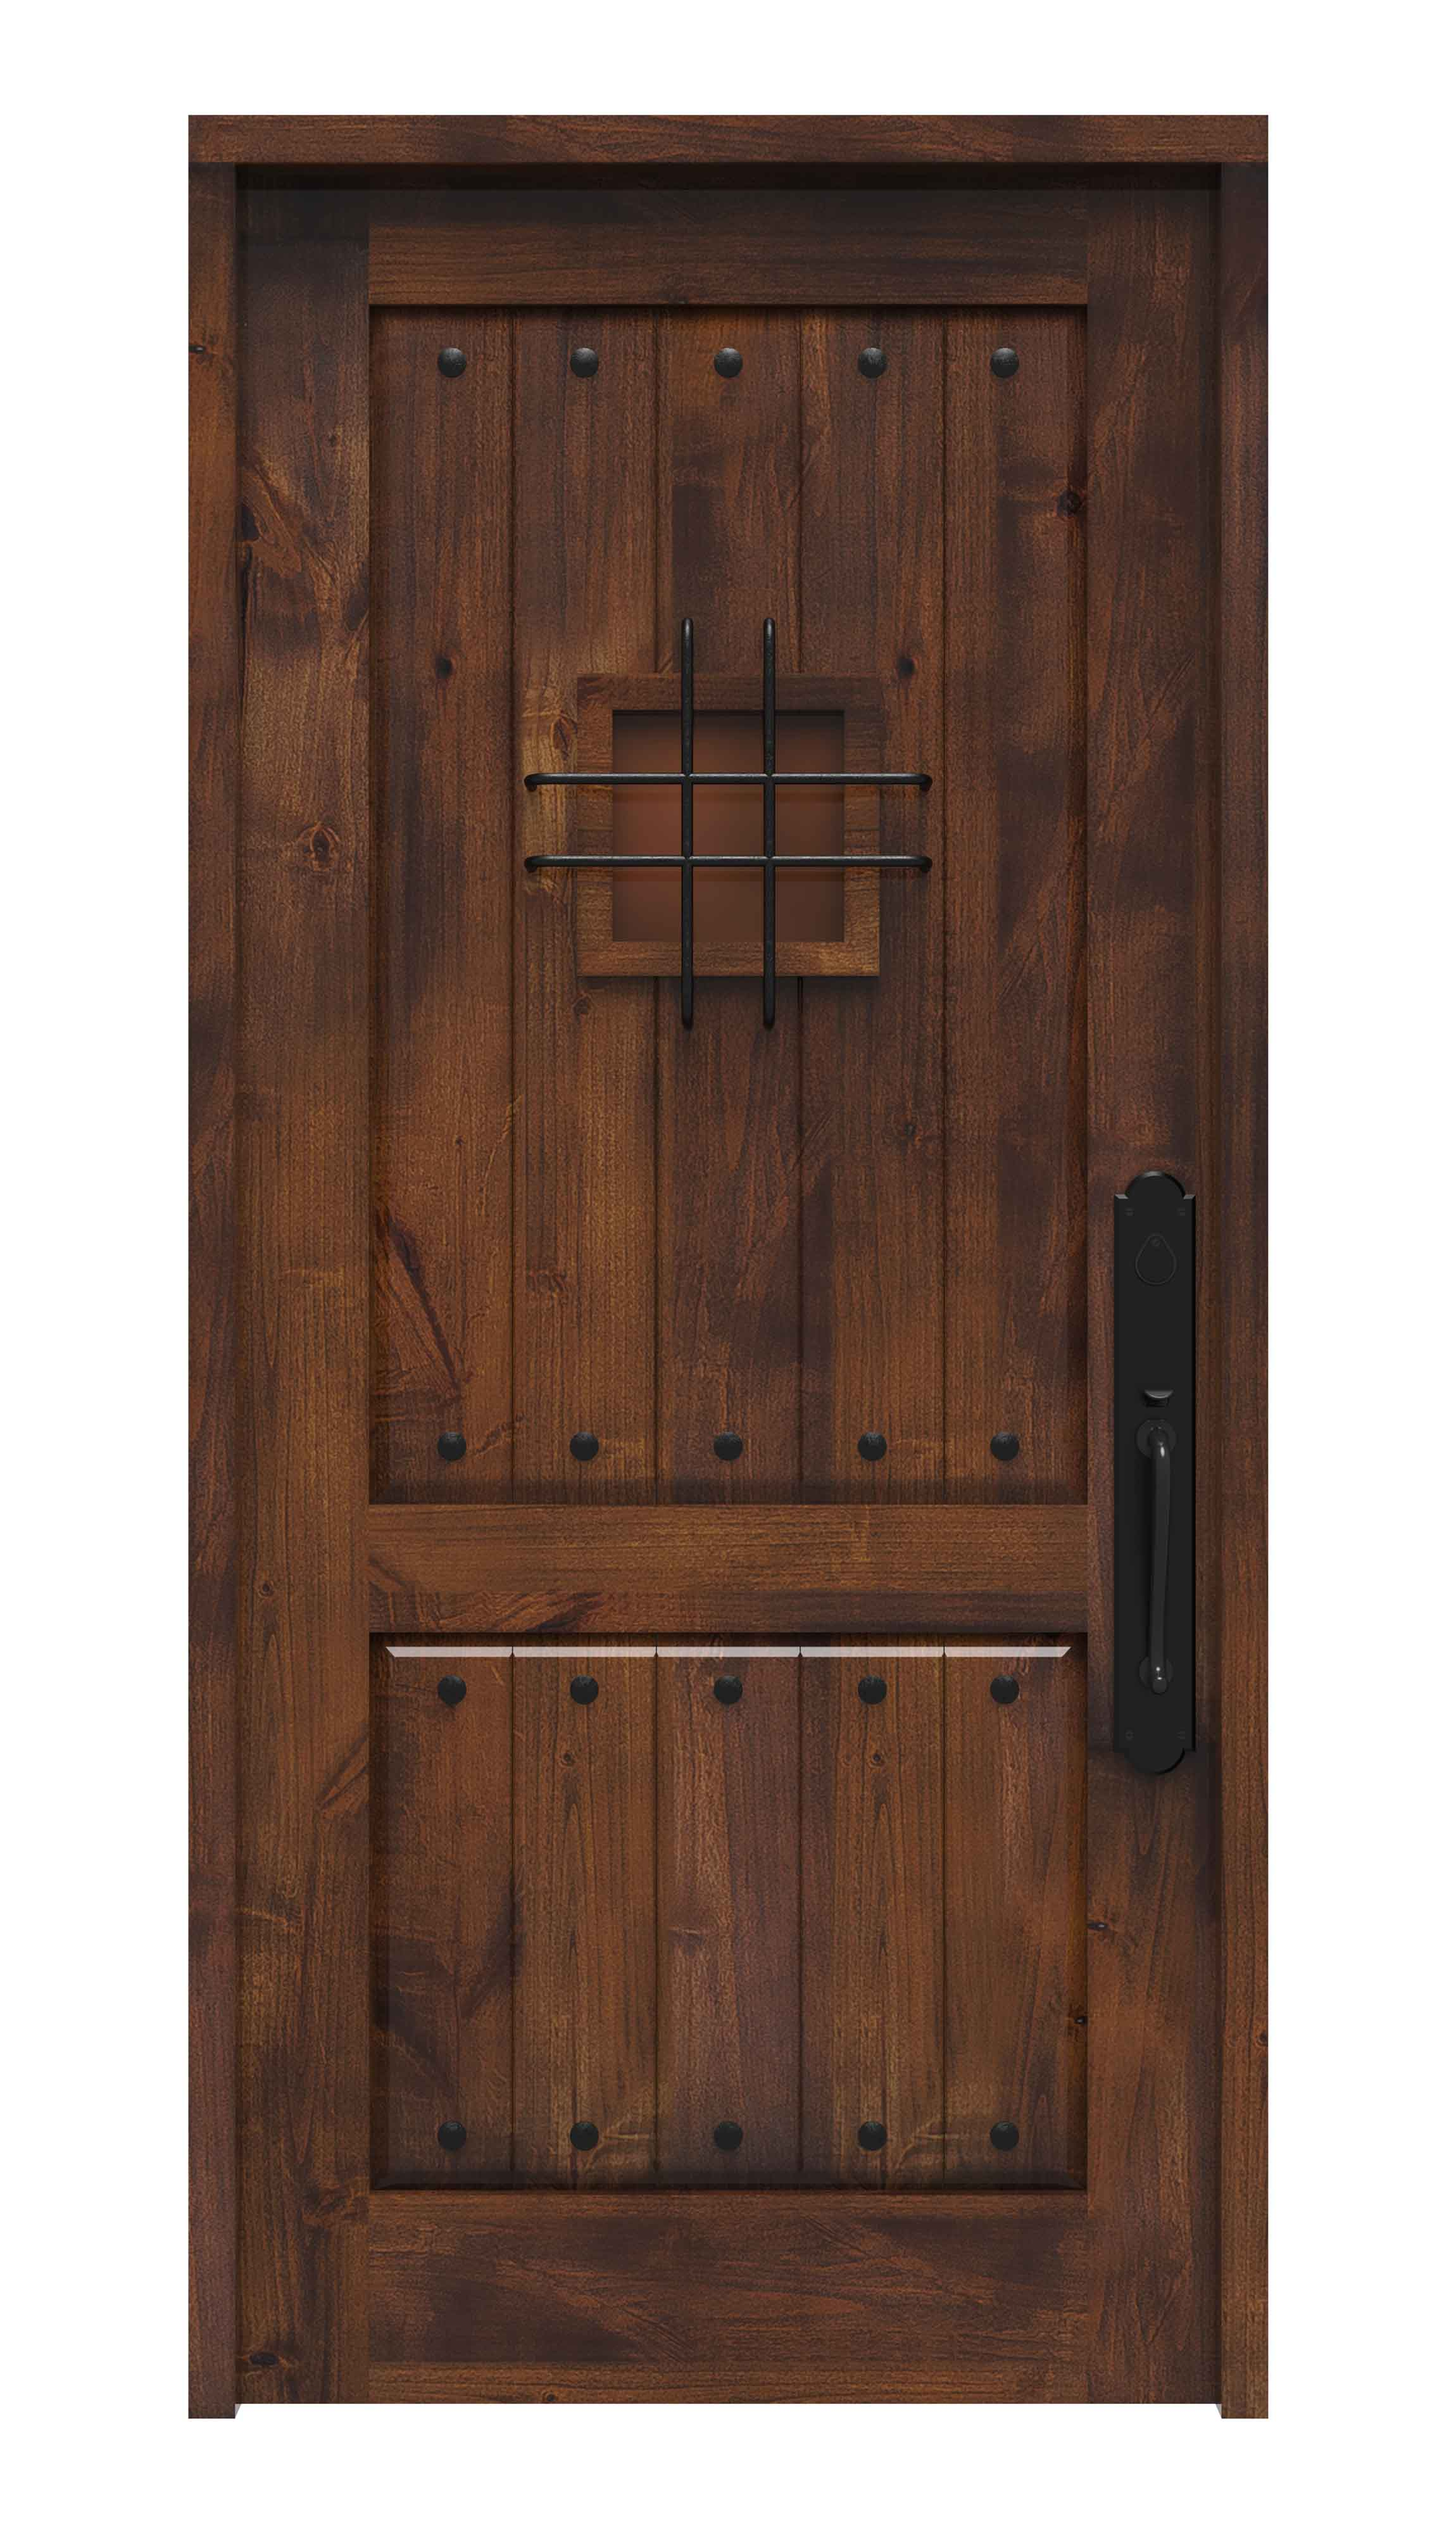 Spanish Style Front Door With Speakeasy Rustica Hardware